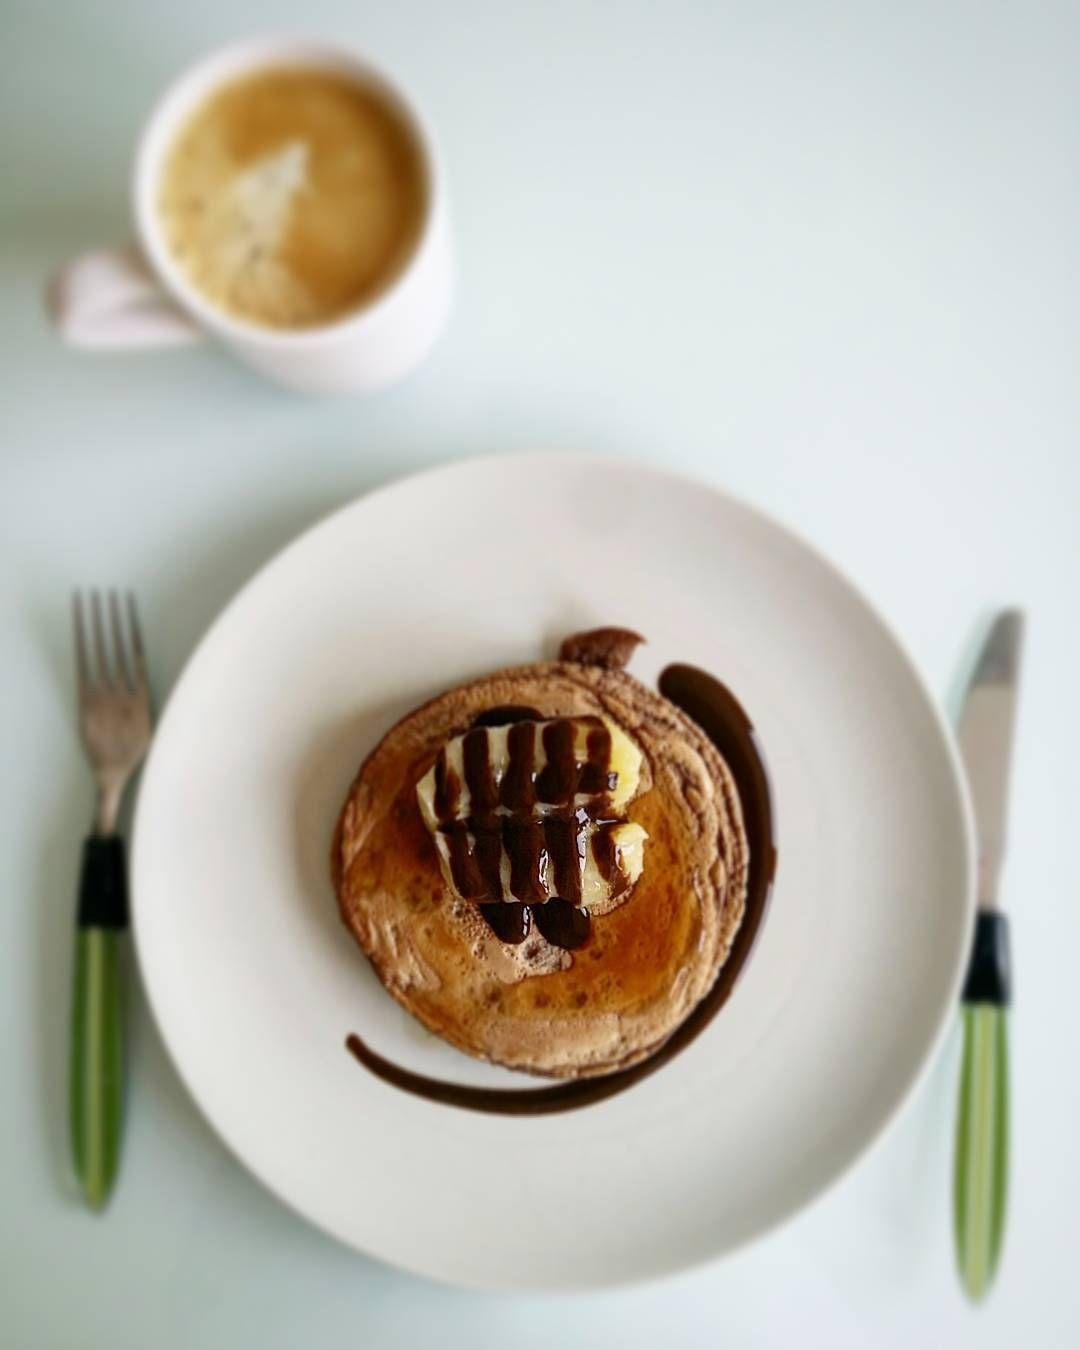 Desayuno tortitas sabor NutChoc de @max_protein con kiwi #zespri Gold  y salsa de chocolate zero calories de @servivita0.0 A POR EL MARTES!  (estoy  hemos dormido mal...  my little Pol sigue con bastante fiebre... )